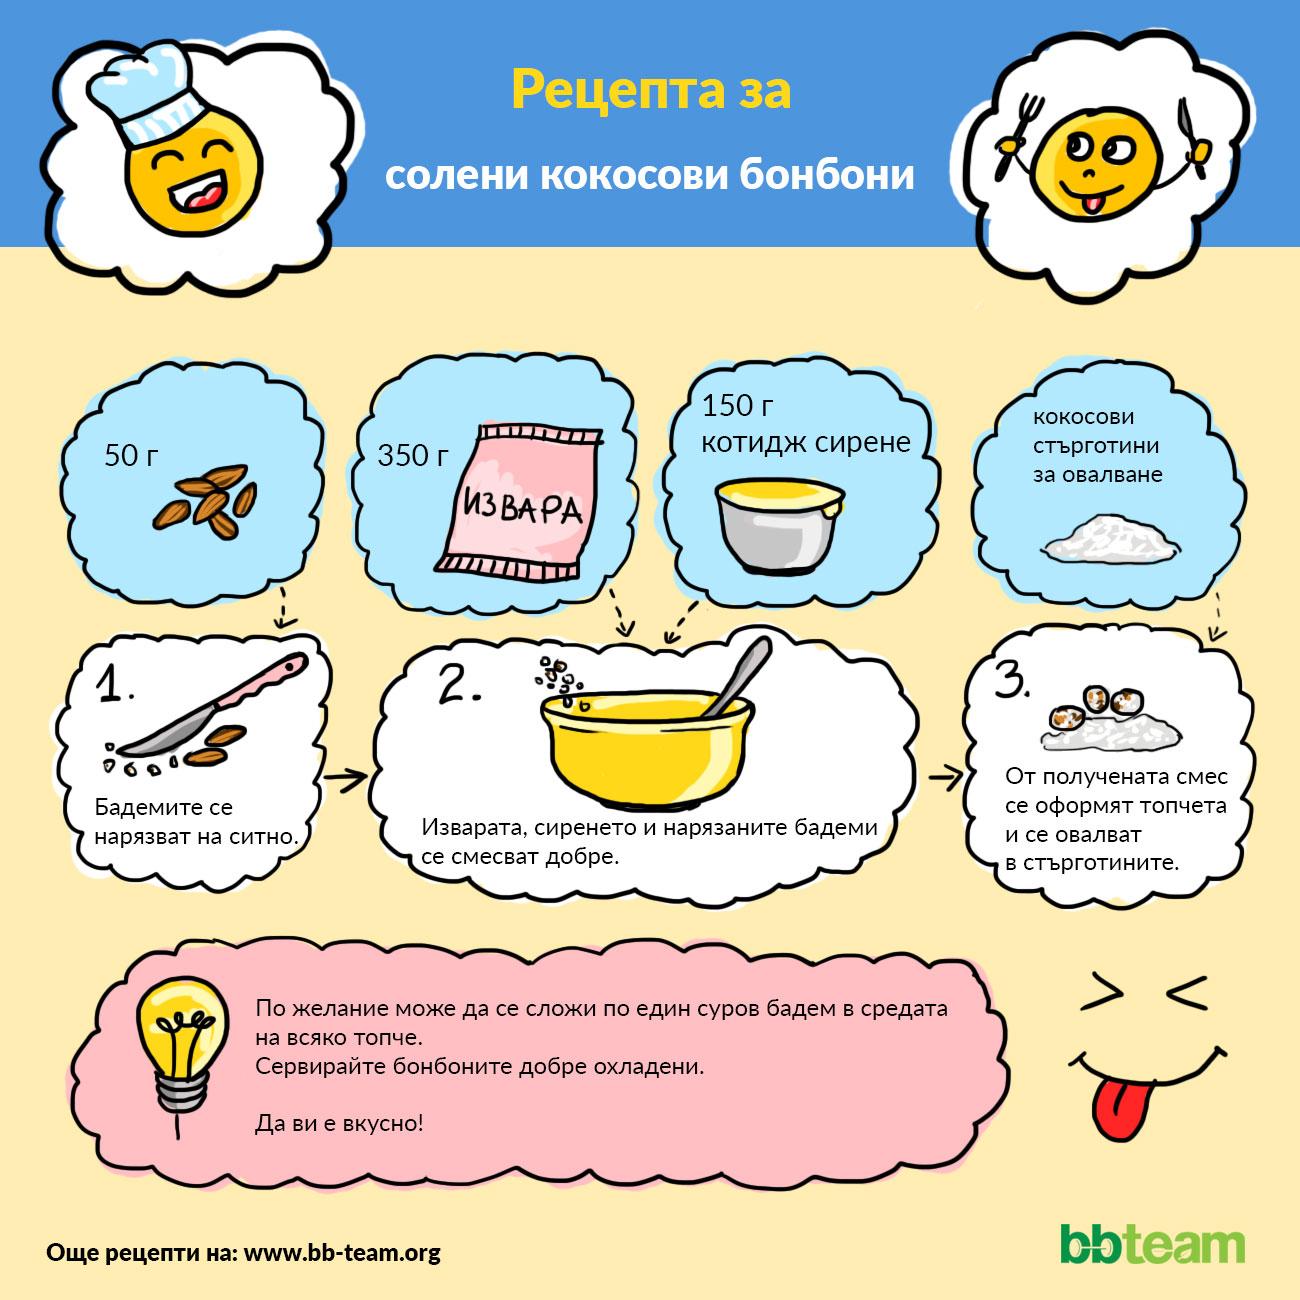 Рецепта за солени кокосови бонбони [инфографика]